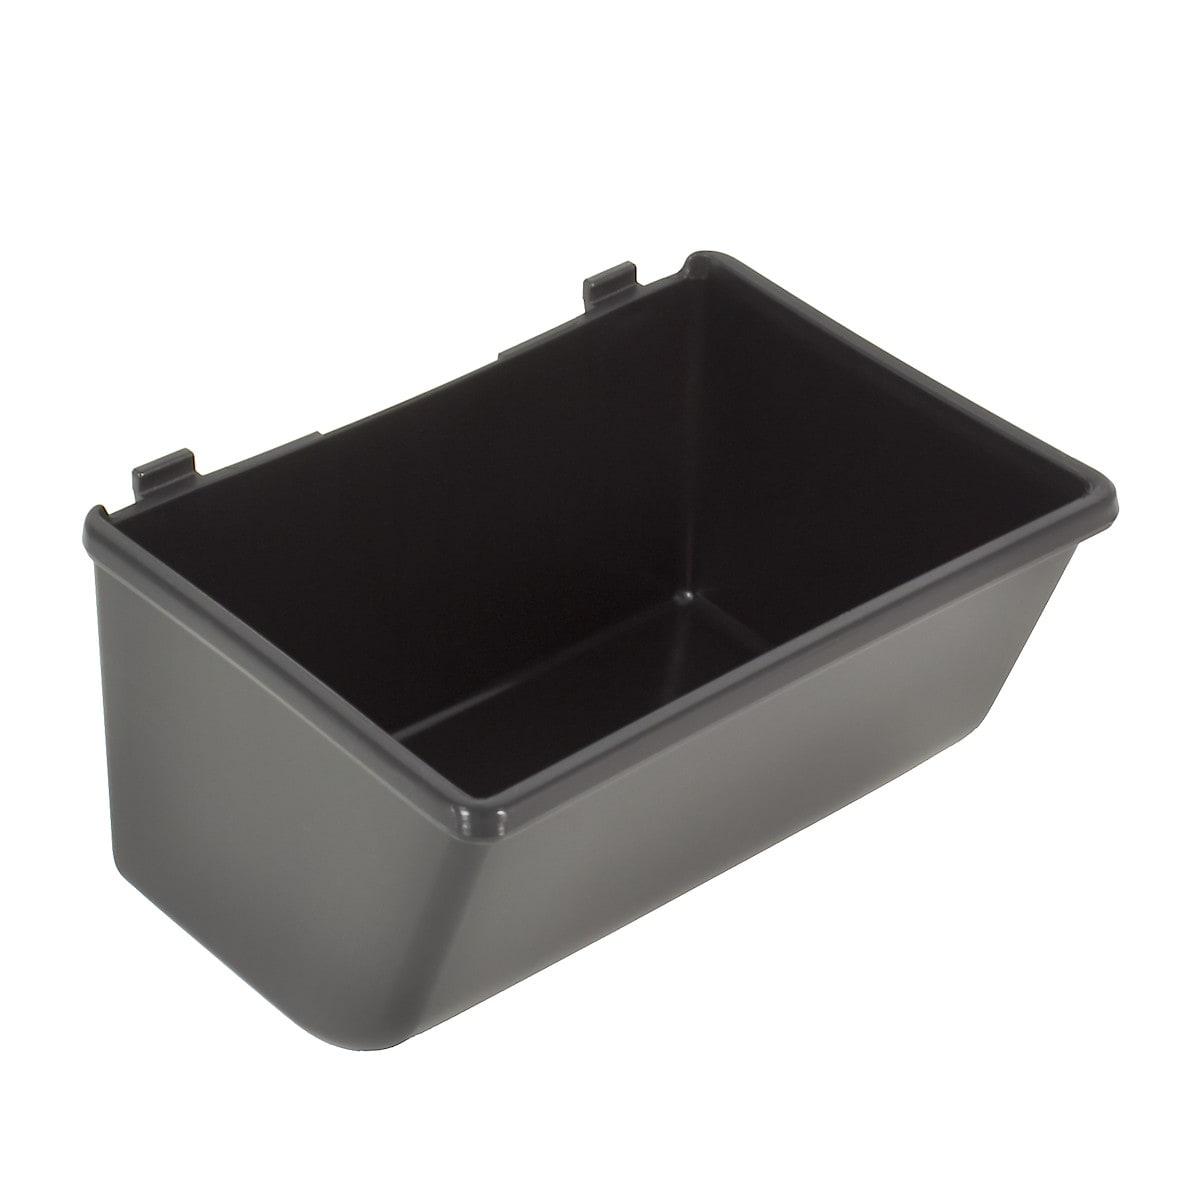 Plastbox Raaco